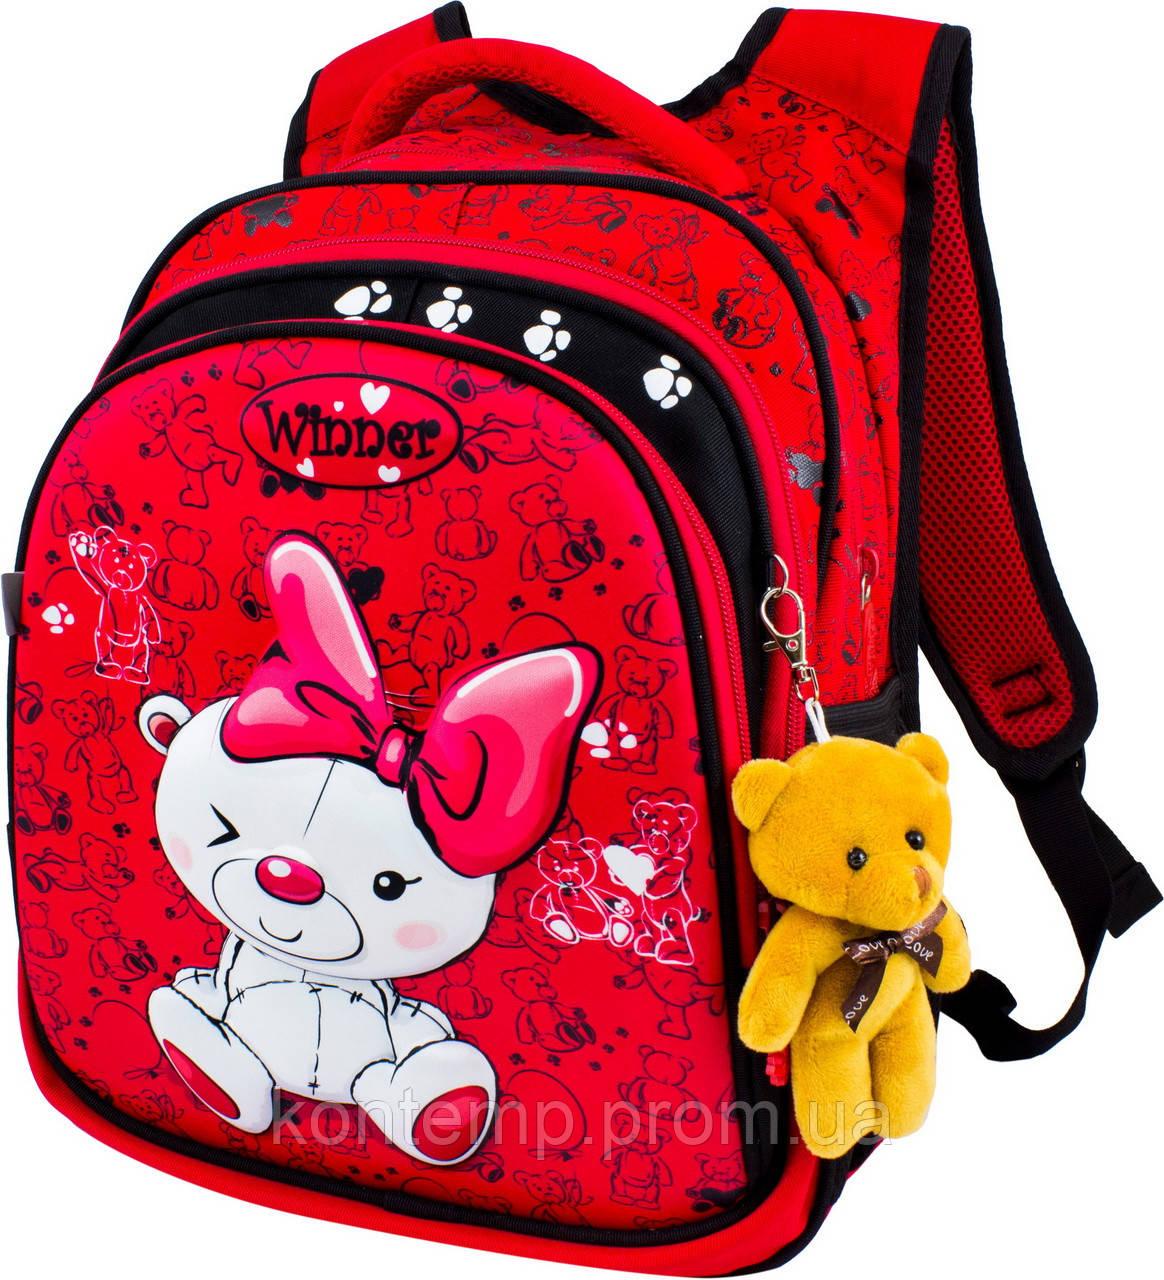 Рюкзак шкільний для дівчаток Winner 8019